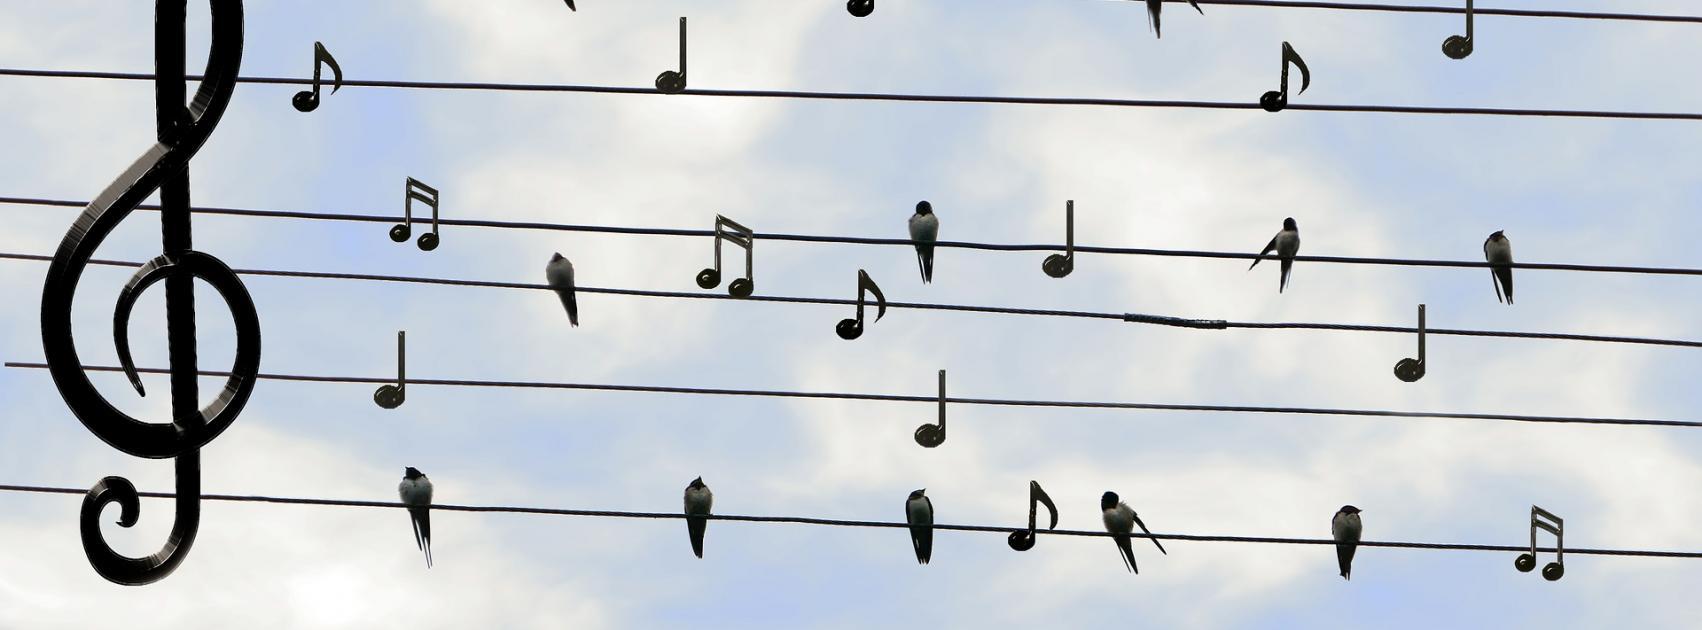 birds-2672101_1920.jpg